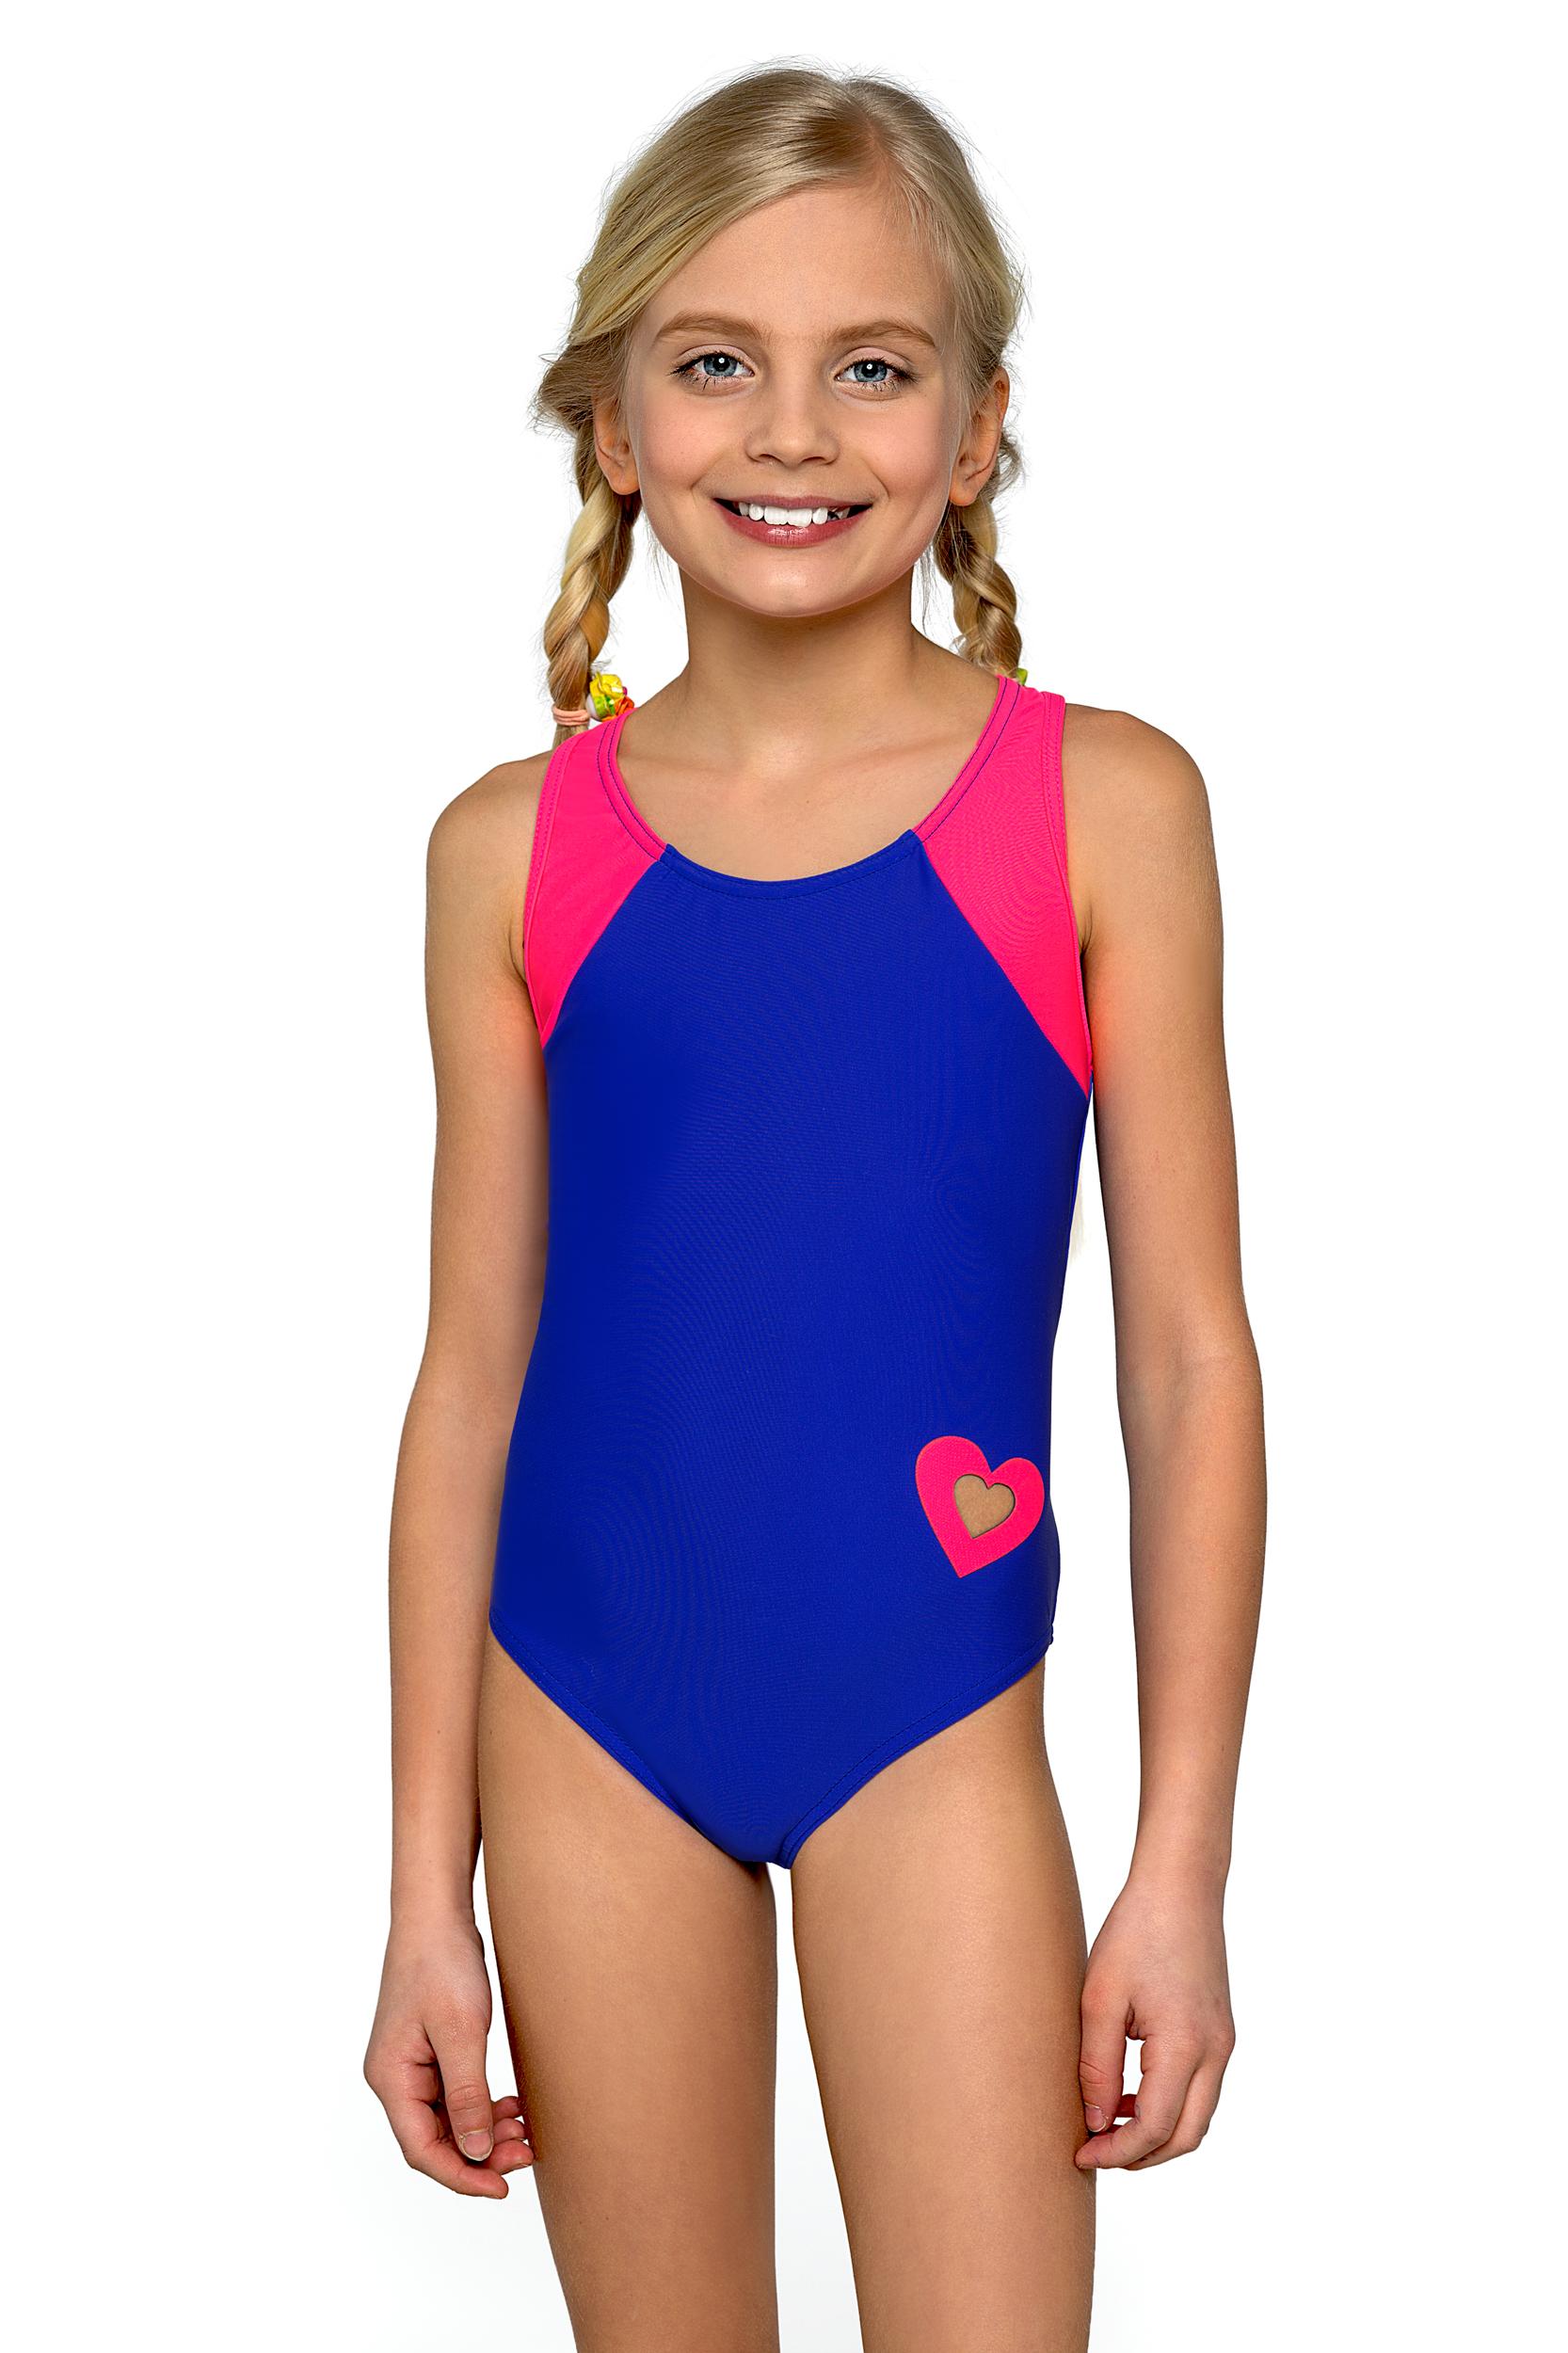 Plavky dívčí jednodílné Eliška modro růžové